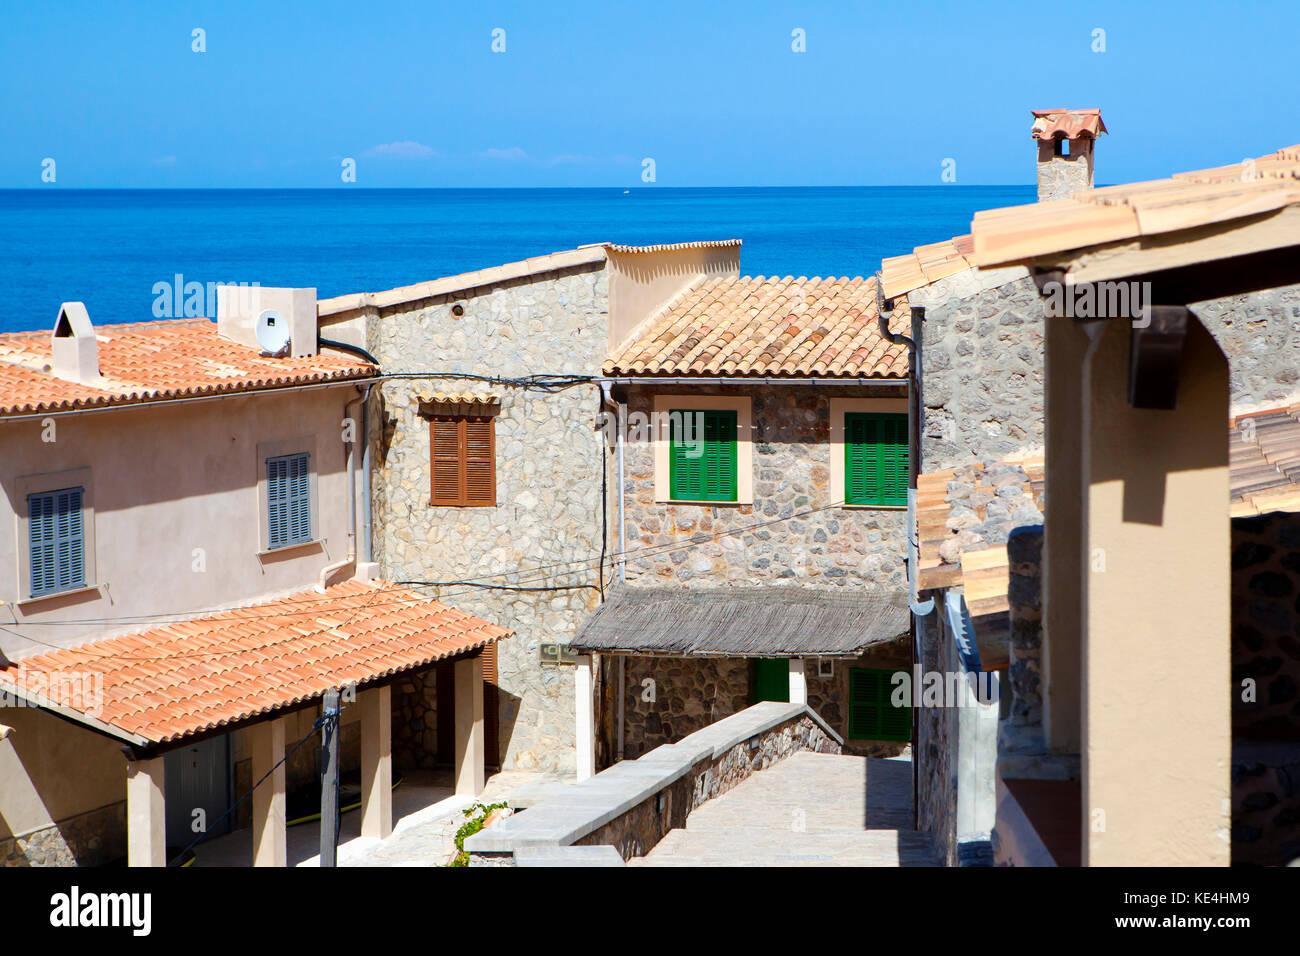 Port de Valldemossa, Majorca, Spain, September 2017 - Stock Image